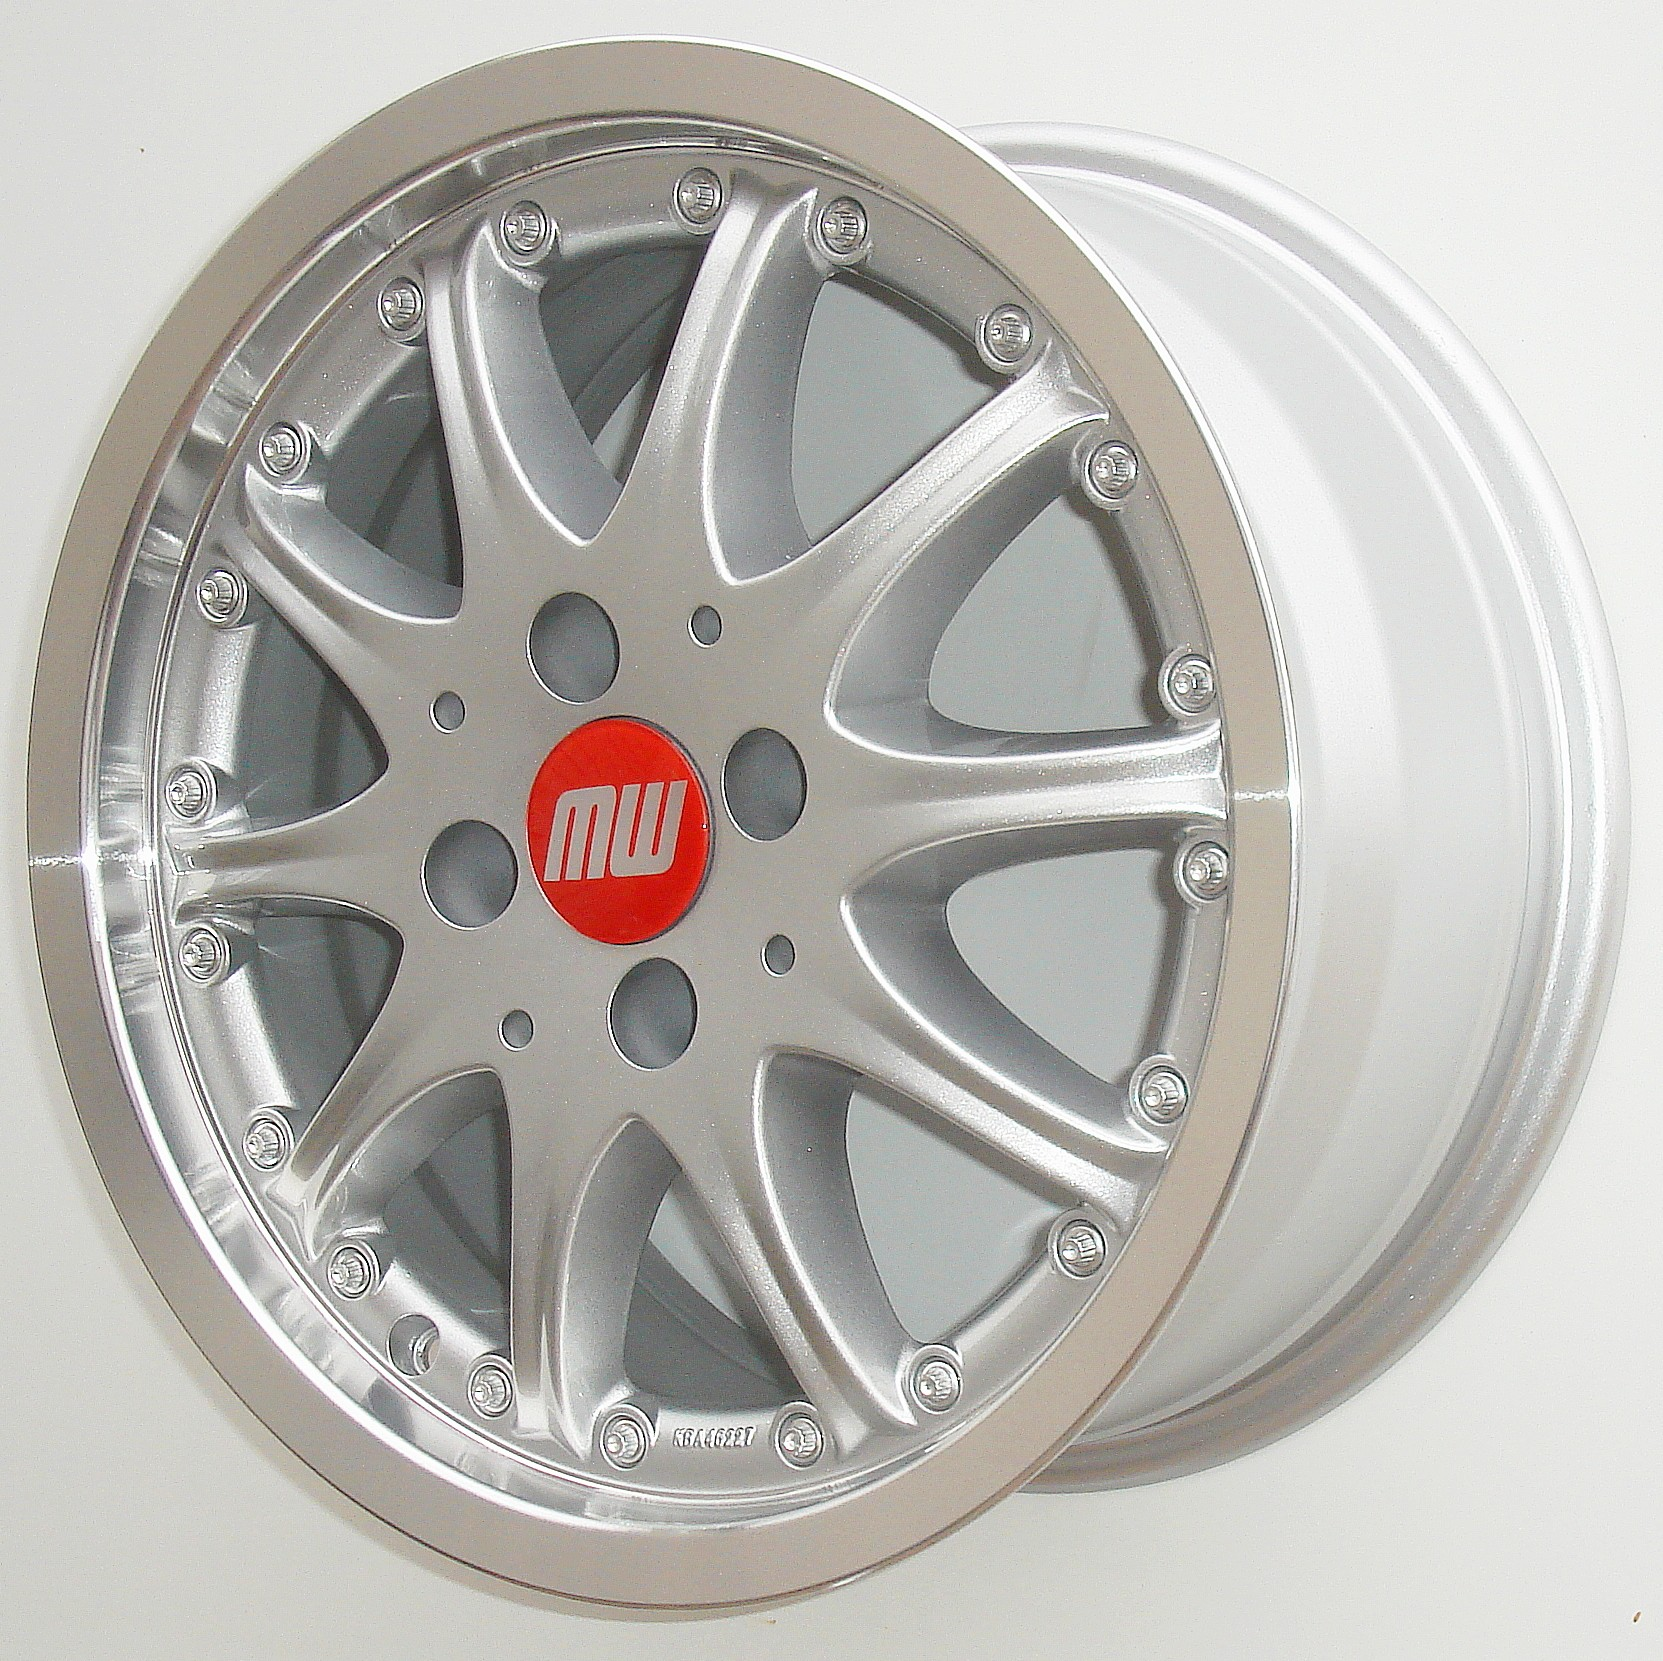 TS-Rad 7X15 4/100 ET38 silber metallic/hornkopiert  -  zulässige Reifengrössen: 185/55R15, 195/50R15, 195/55R15, 215/45R15 mit ABE